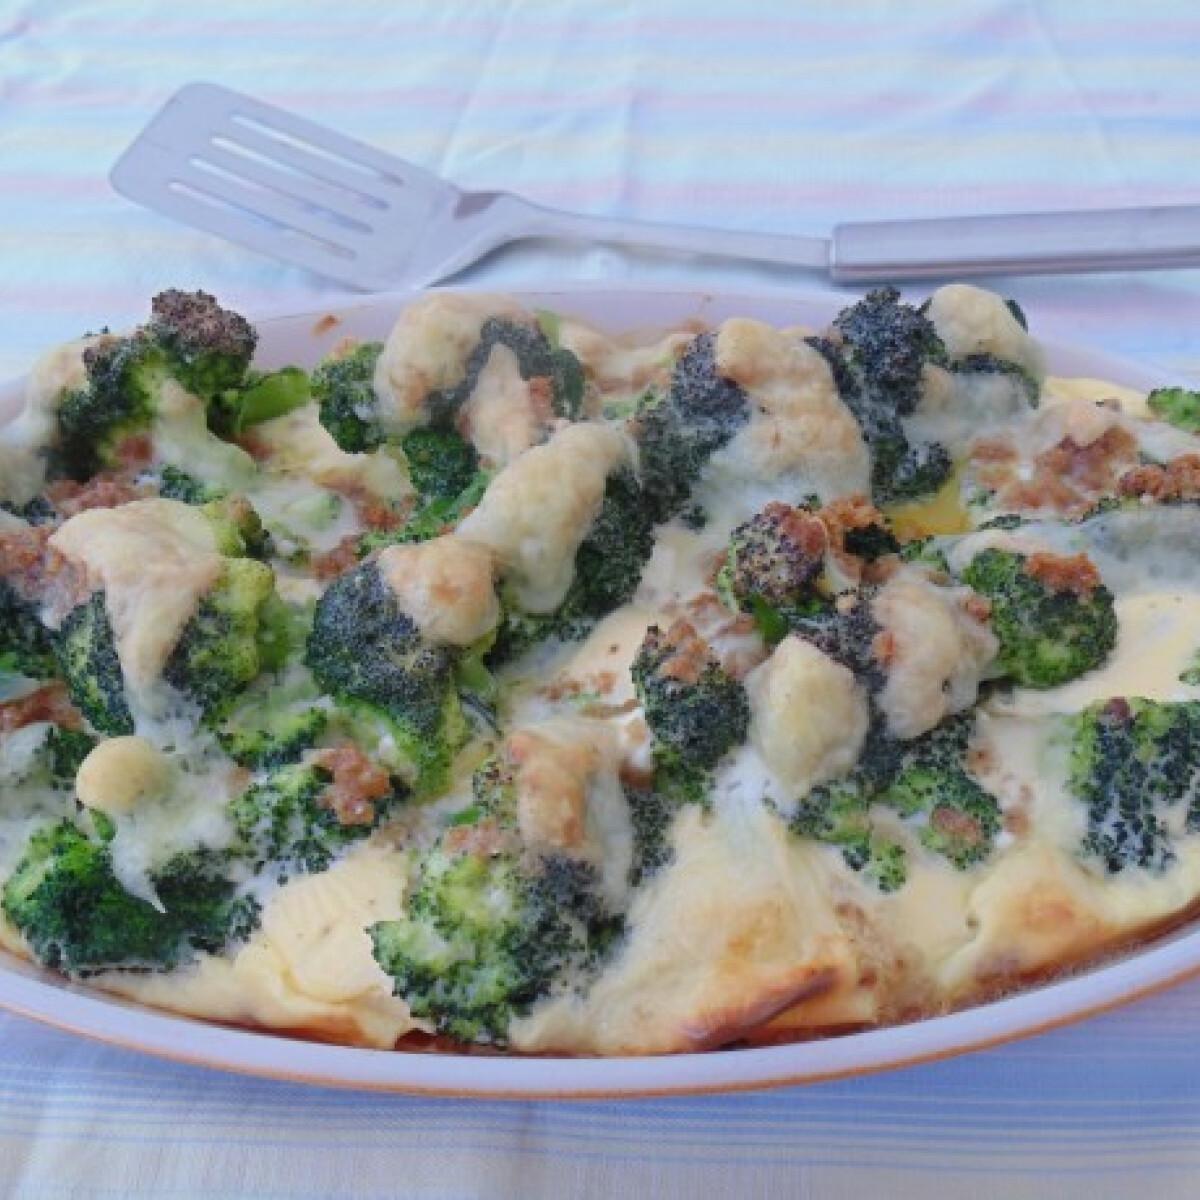 Ezen a képen: Rakott brokkoli egyszerűen és egészségesen